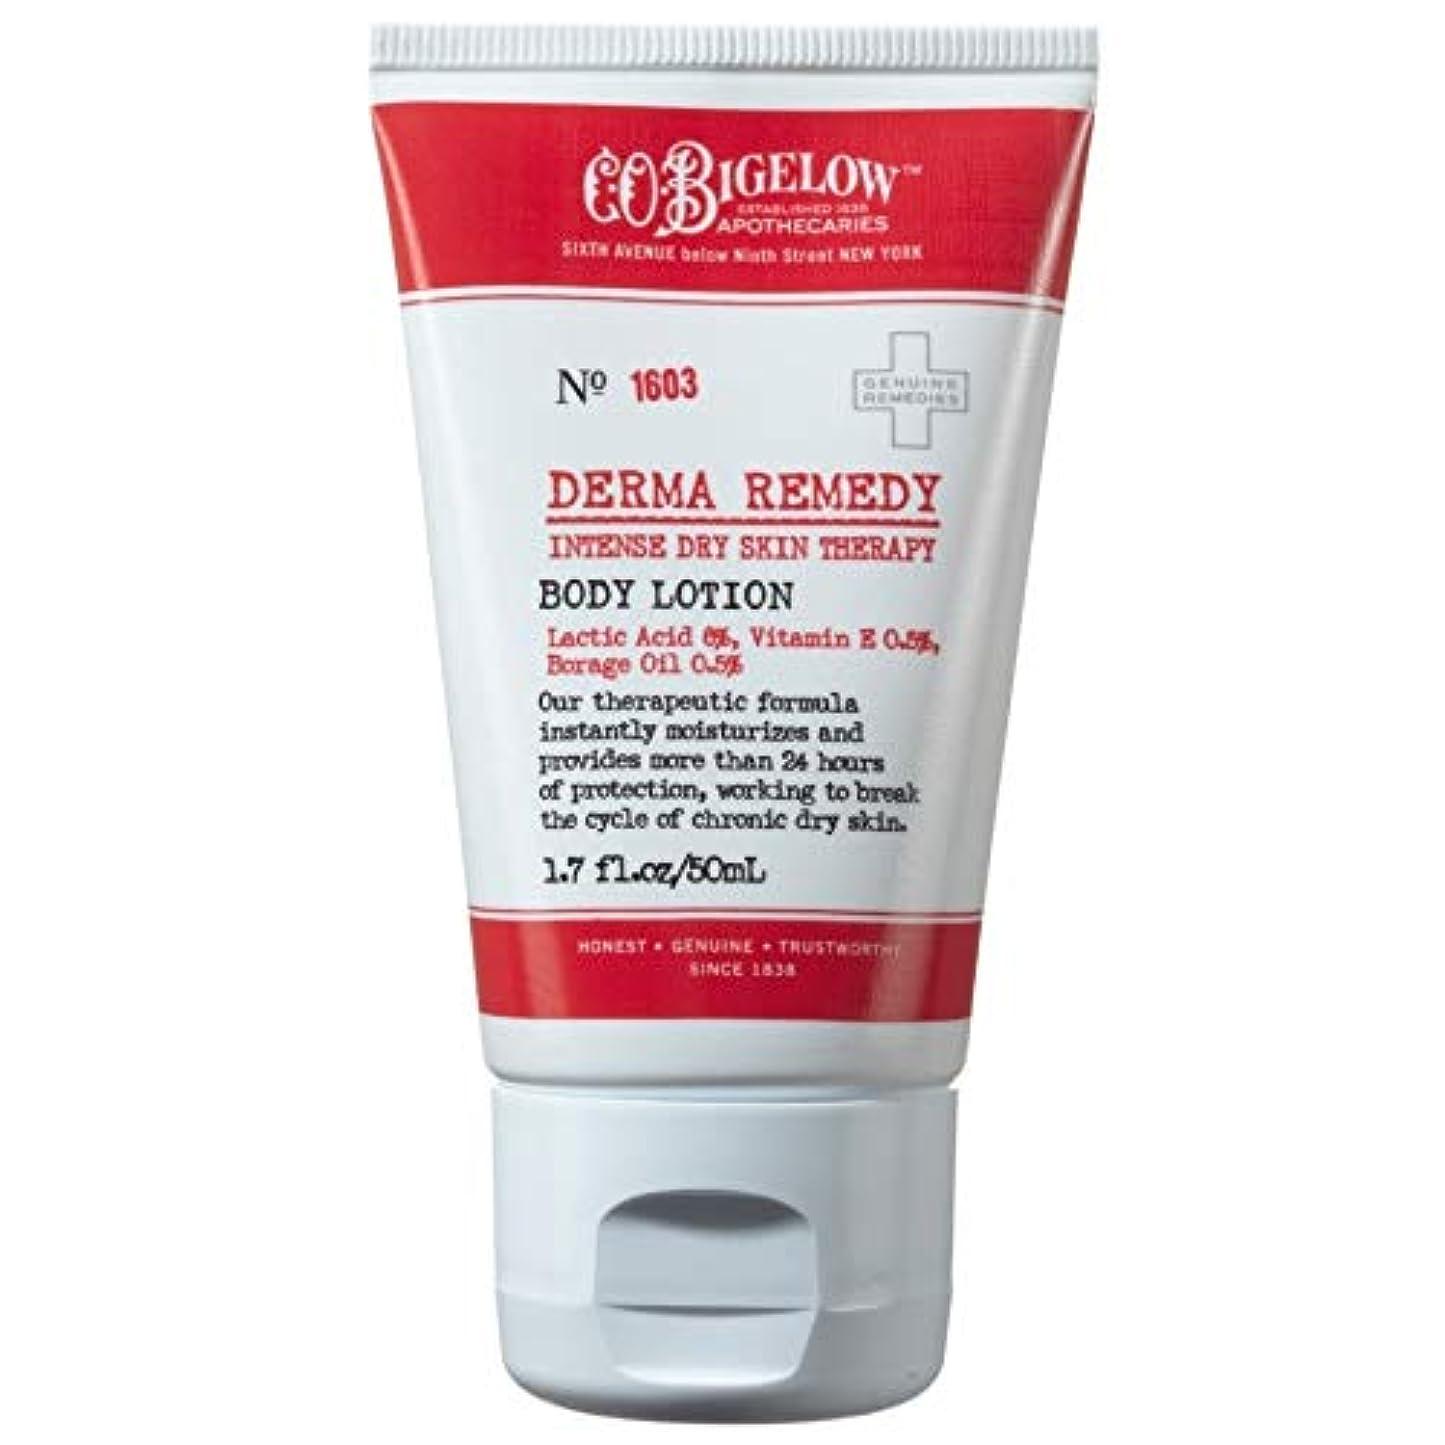 名前で可塑性キャンバス[C.O. Bigelow] C.O.ビゲローダーマ救済激しい乾燥肌の治療ボディローション - C.O. Bigelow Derma Remedy Intense Dry Skin Therapy Body Lotion...